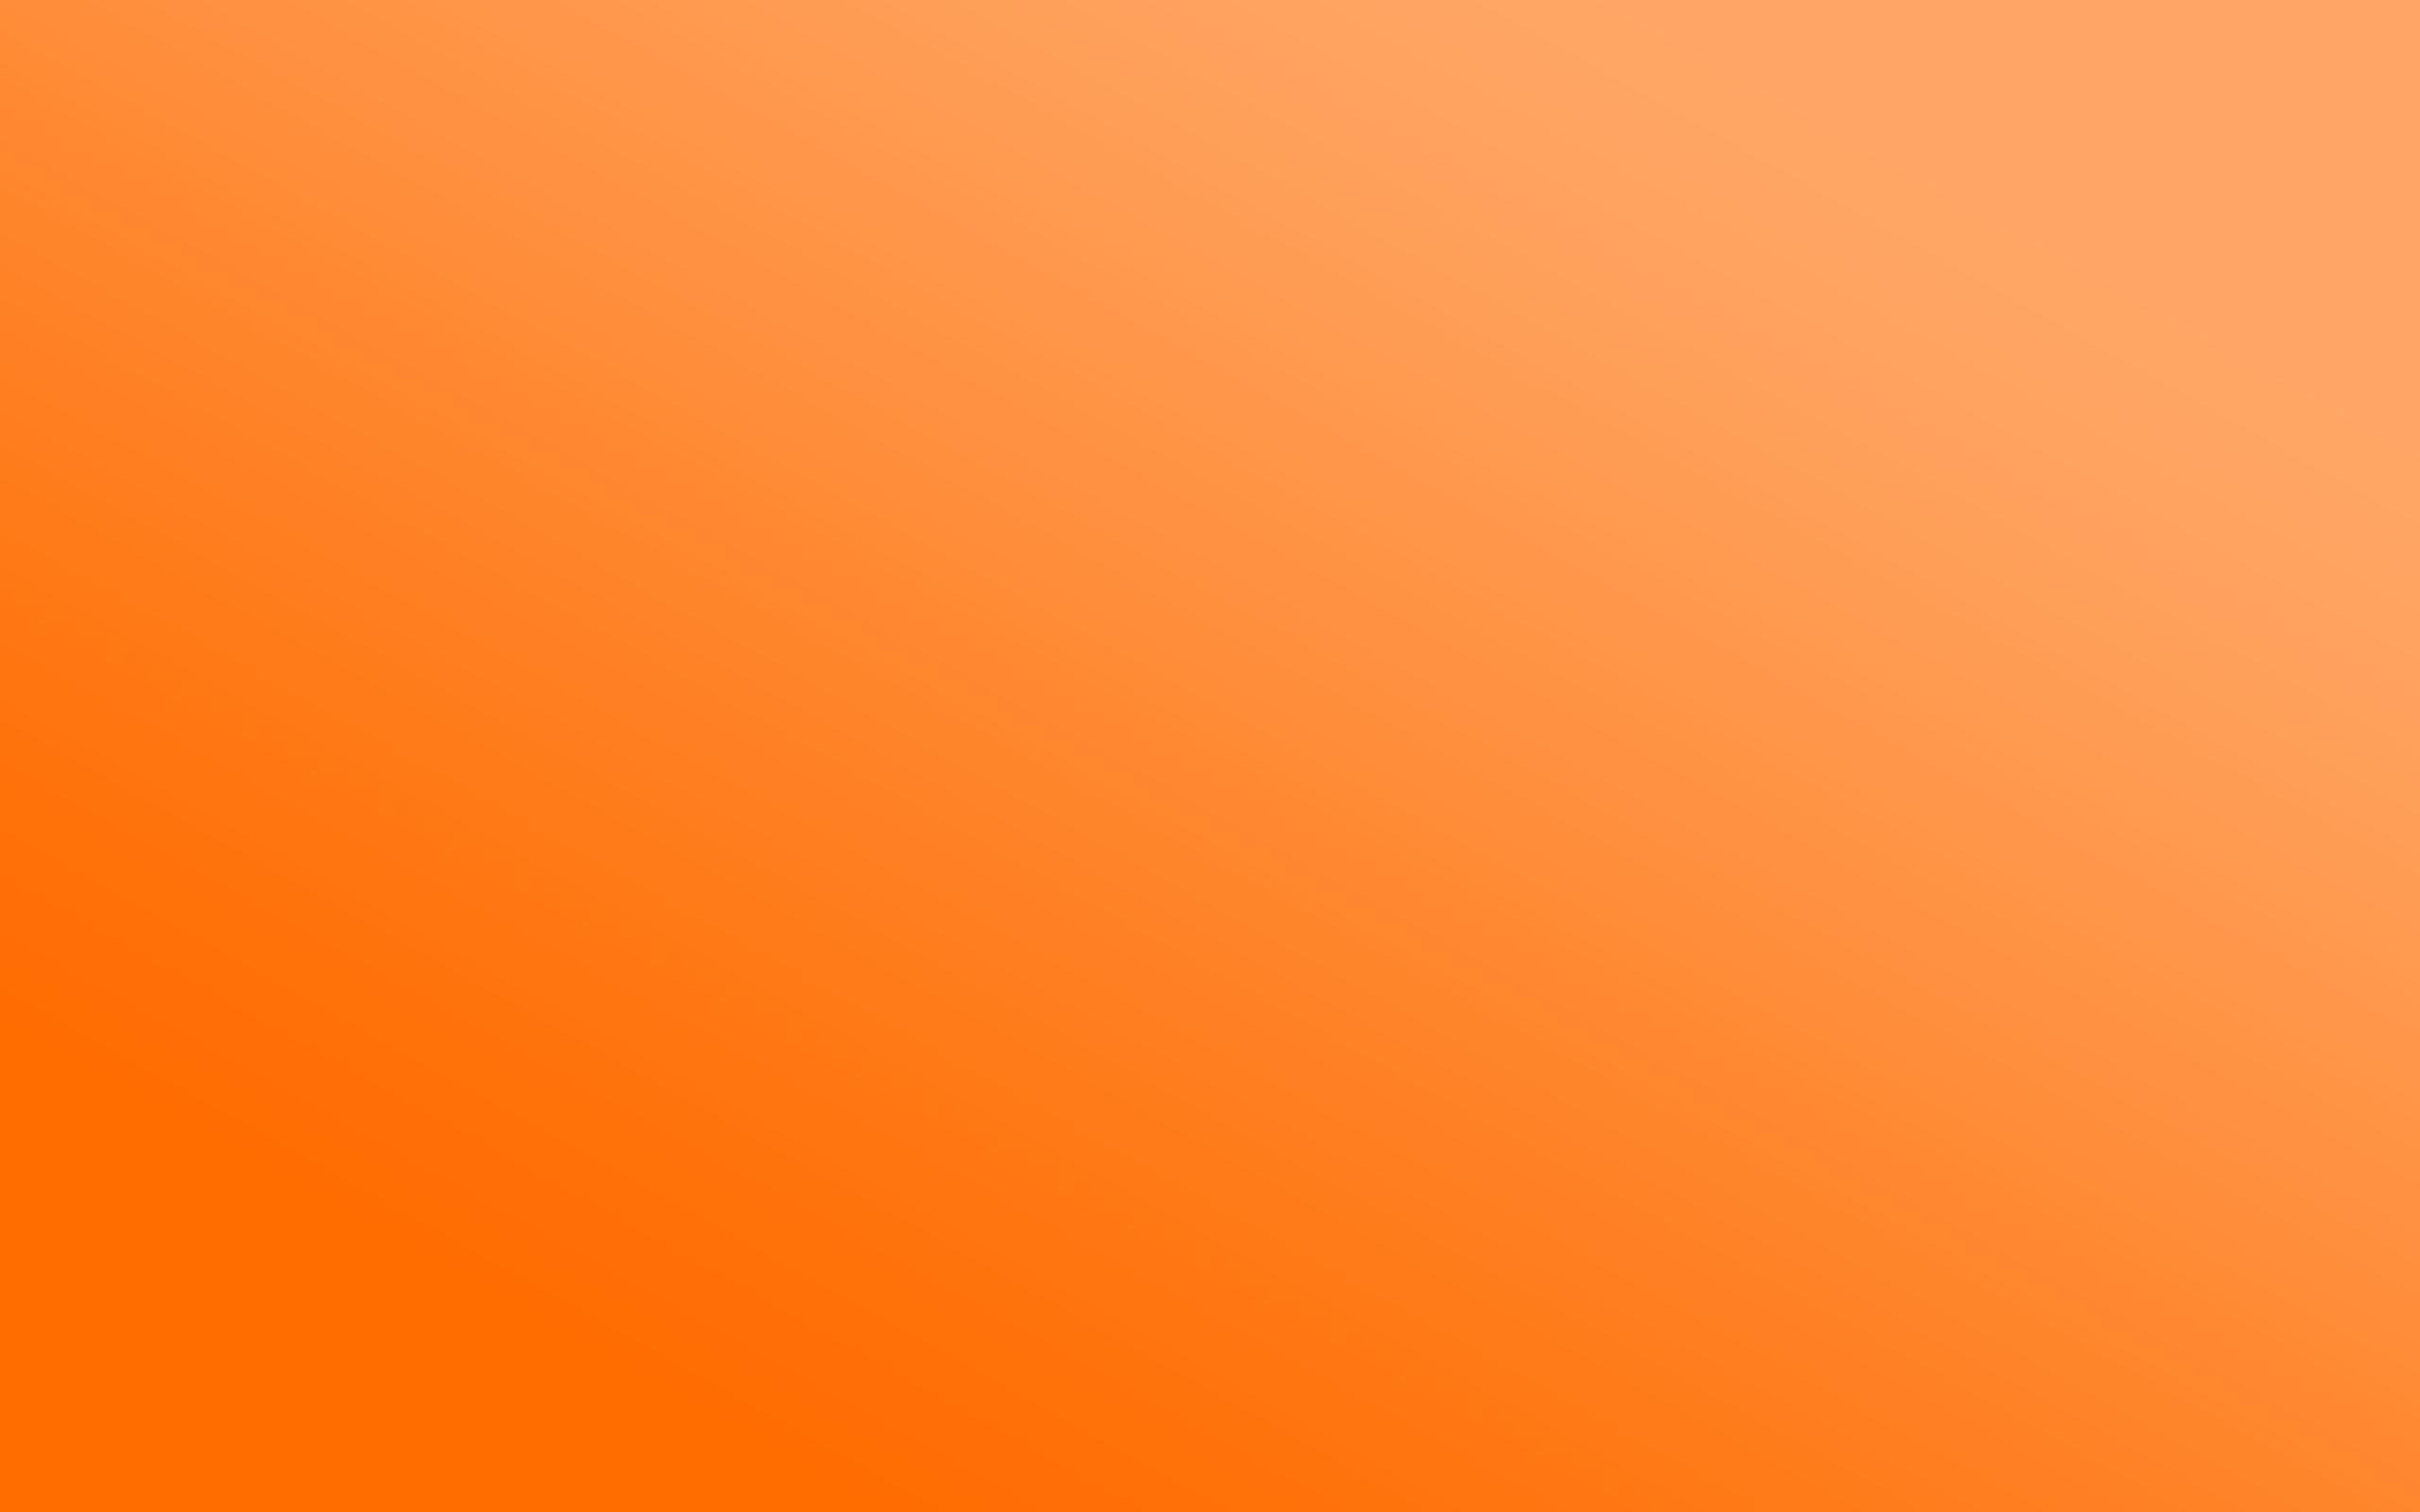 95821 скачать обои Абстракция, Оранжевый, Фон, Сплошной, Красочный - заставки и картинки бесплатно